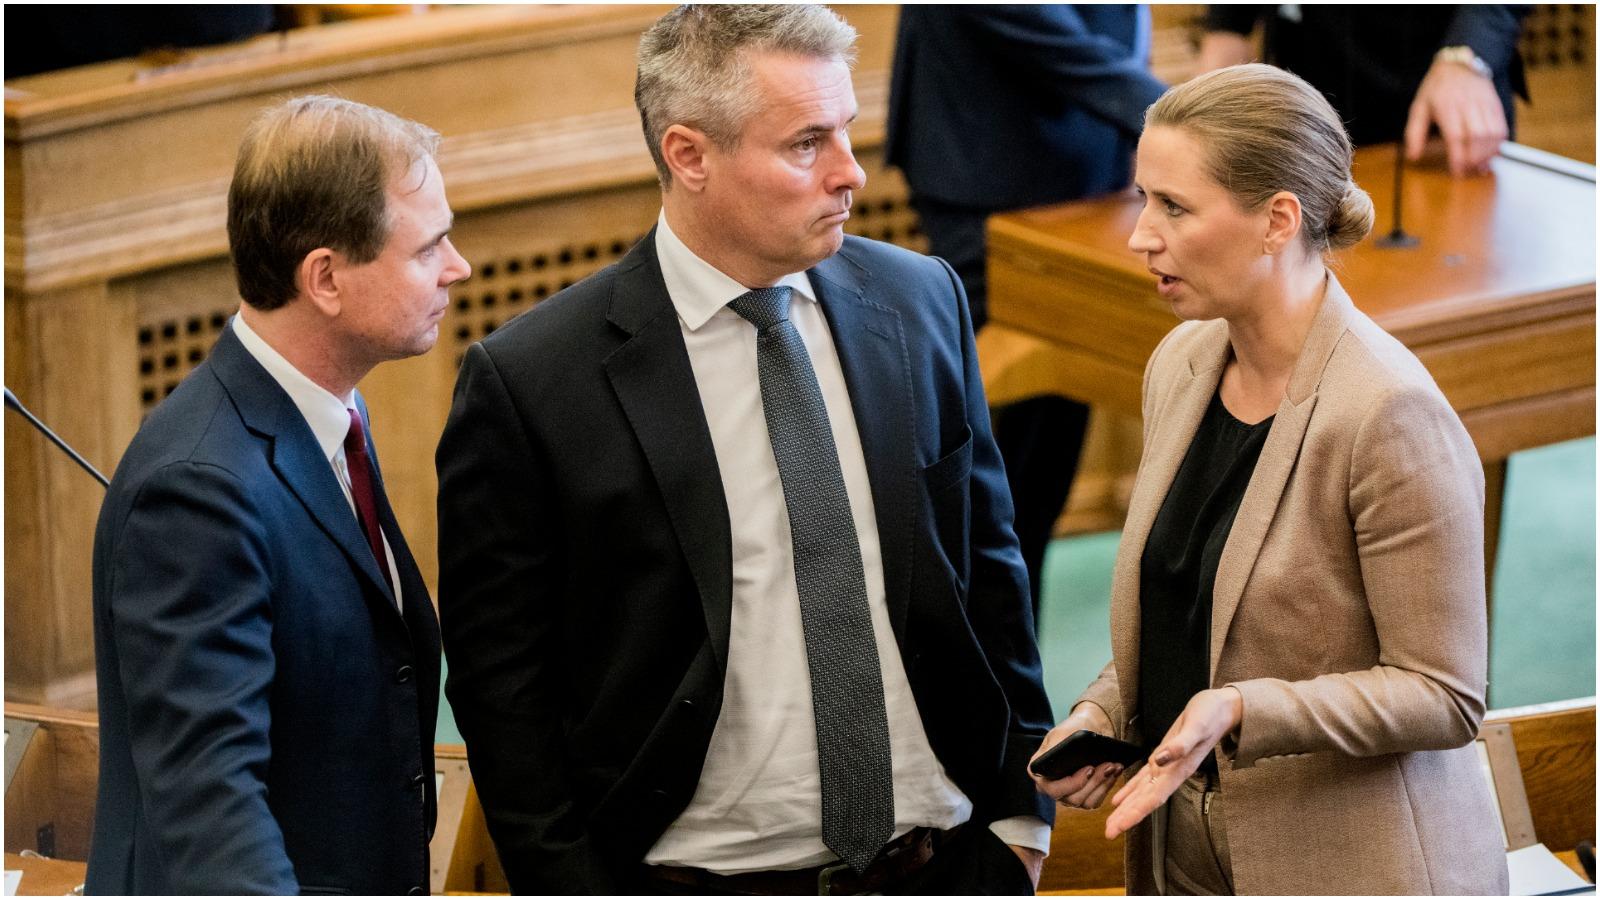 Ali Aminali (K): Danmark har brug for flere socialdemokrater, der anerkender, at højrefløjen har ret på udlændingeområdet